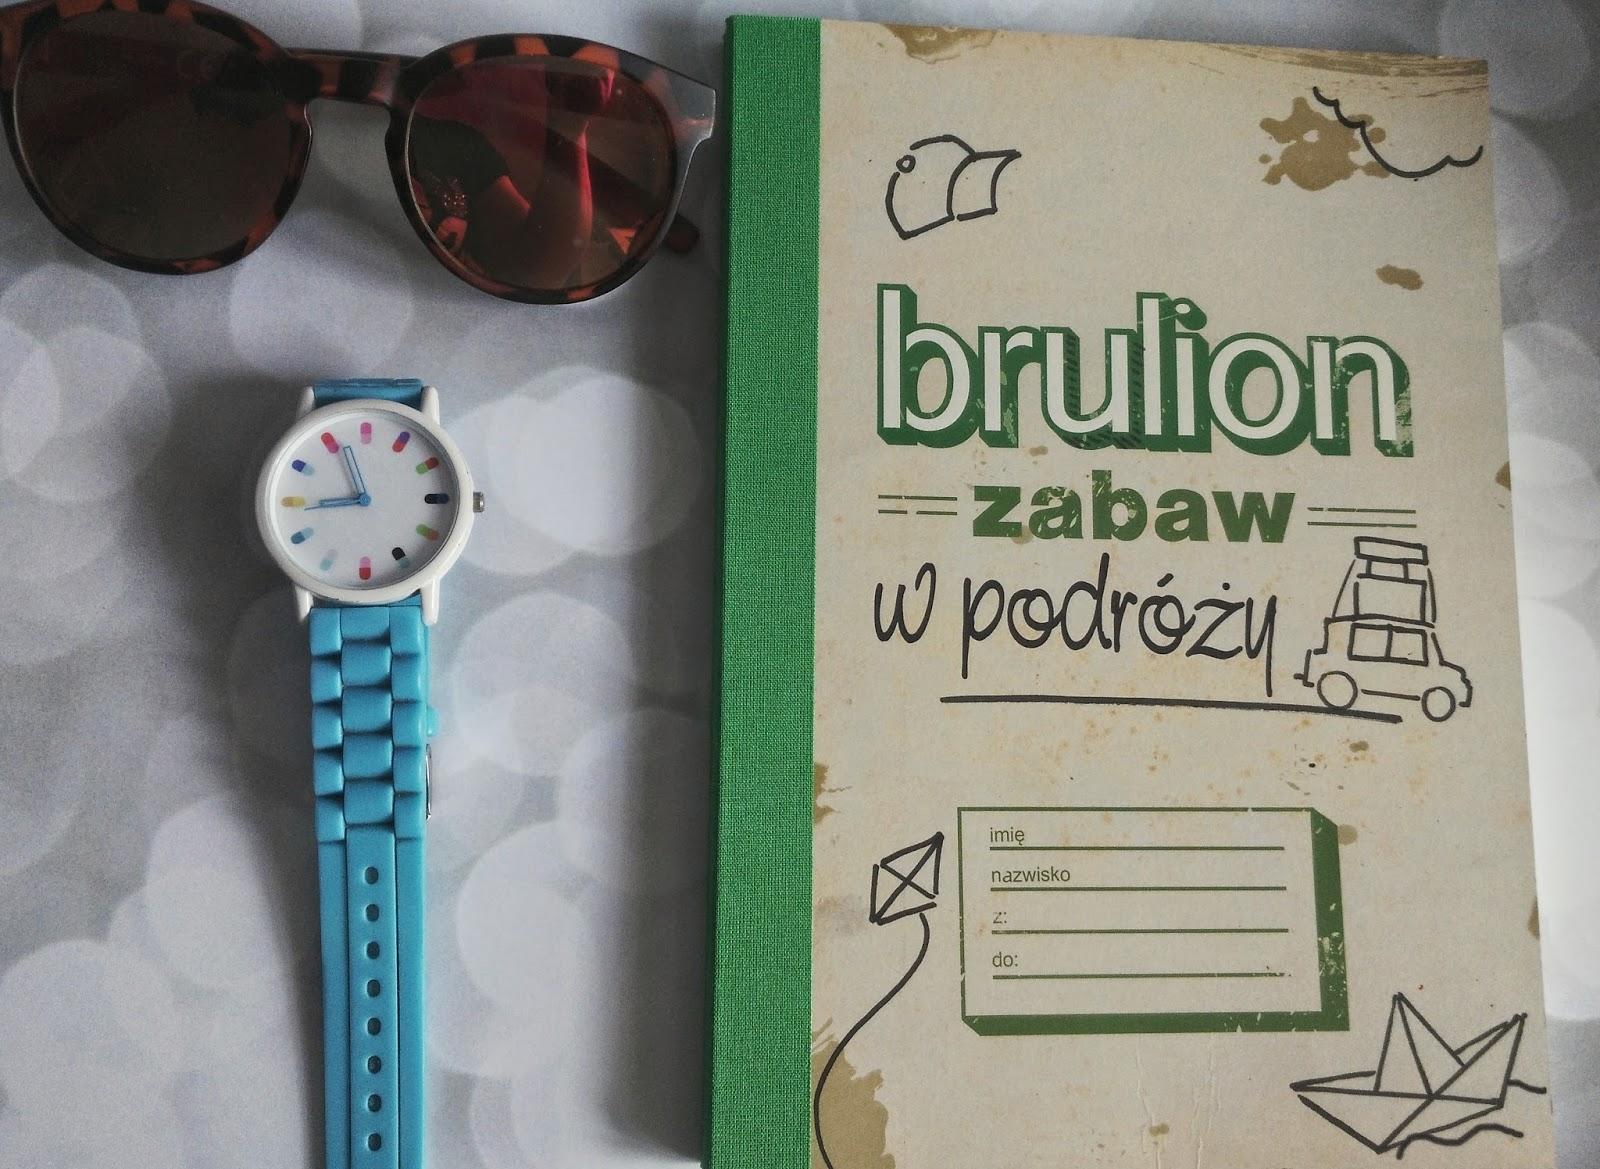 Brulion zabaw w podróży - recenzja